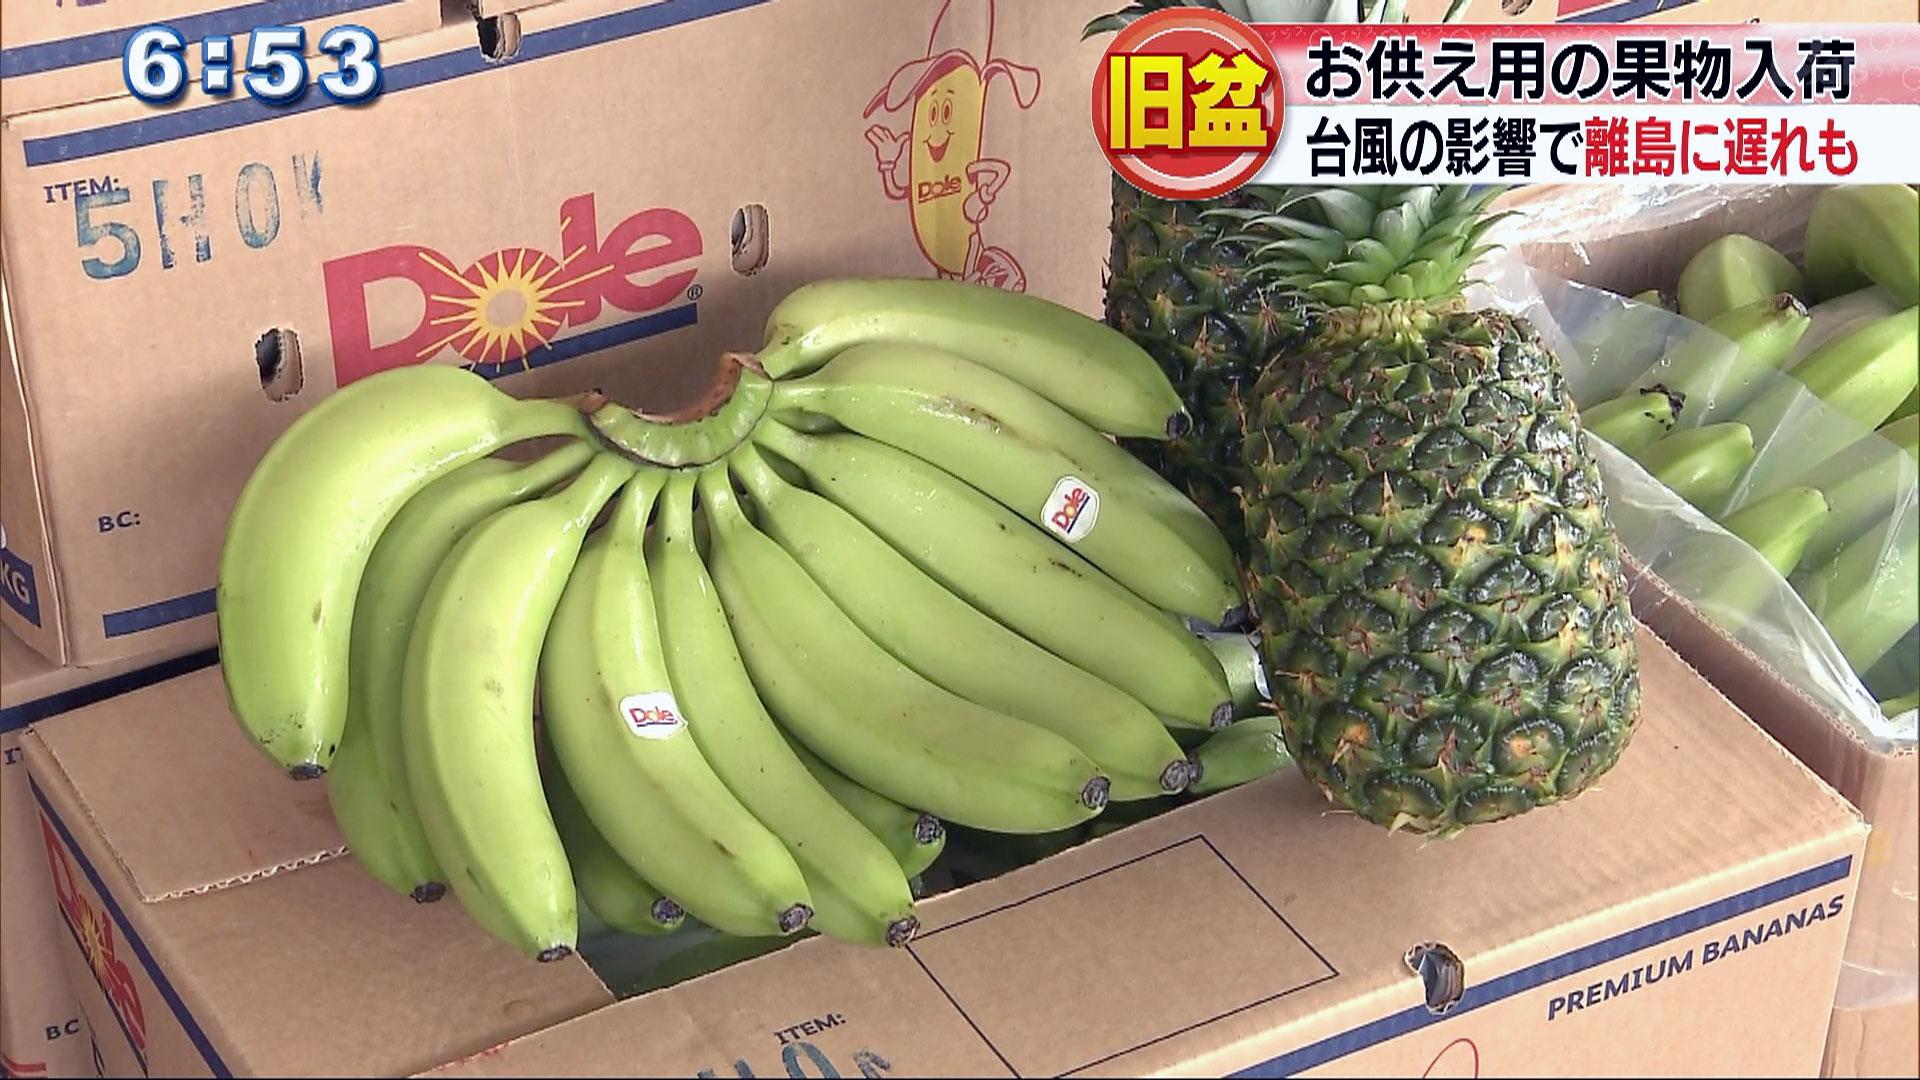 旧盆用バナナ準備進む